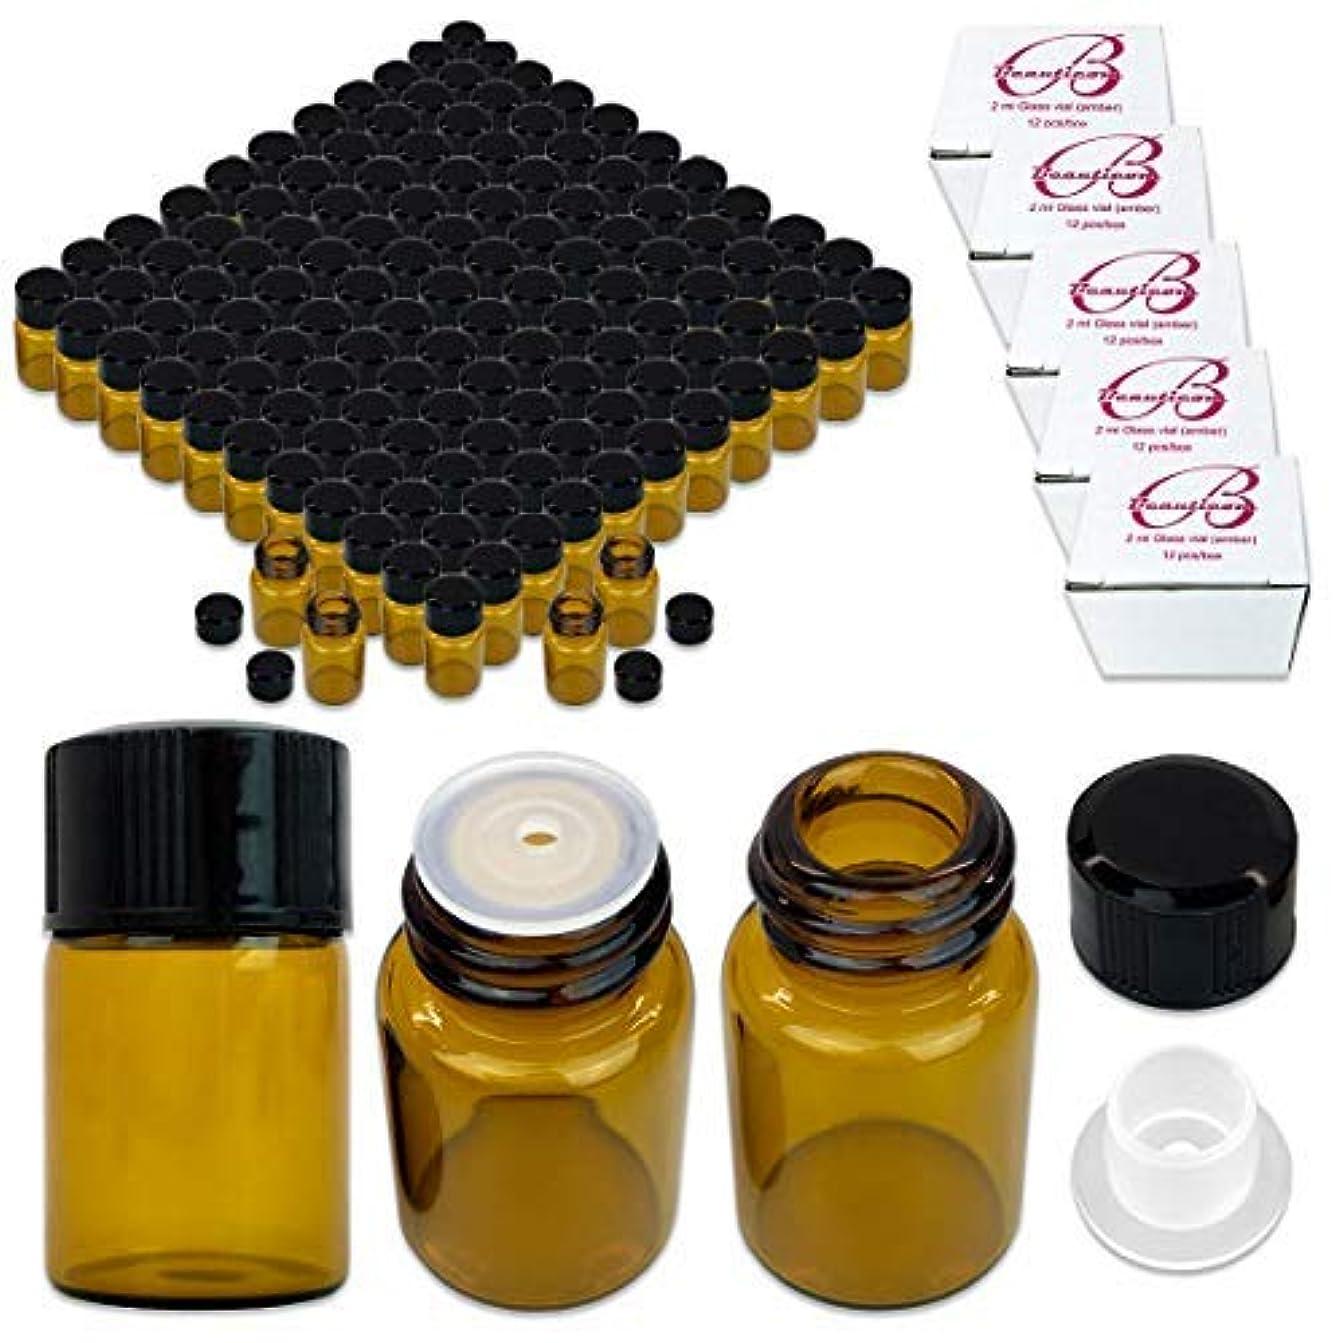 ビタミン勃起検出する180 Packs Beauticom 2ML Amber Glass Vial for Essential Oils, Aromatherapy, Fragrance, Serums, Spritzes, with Orifice...